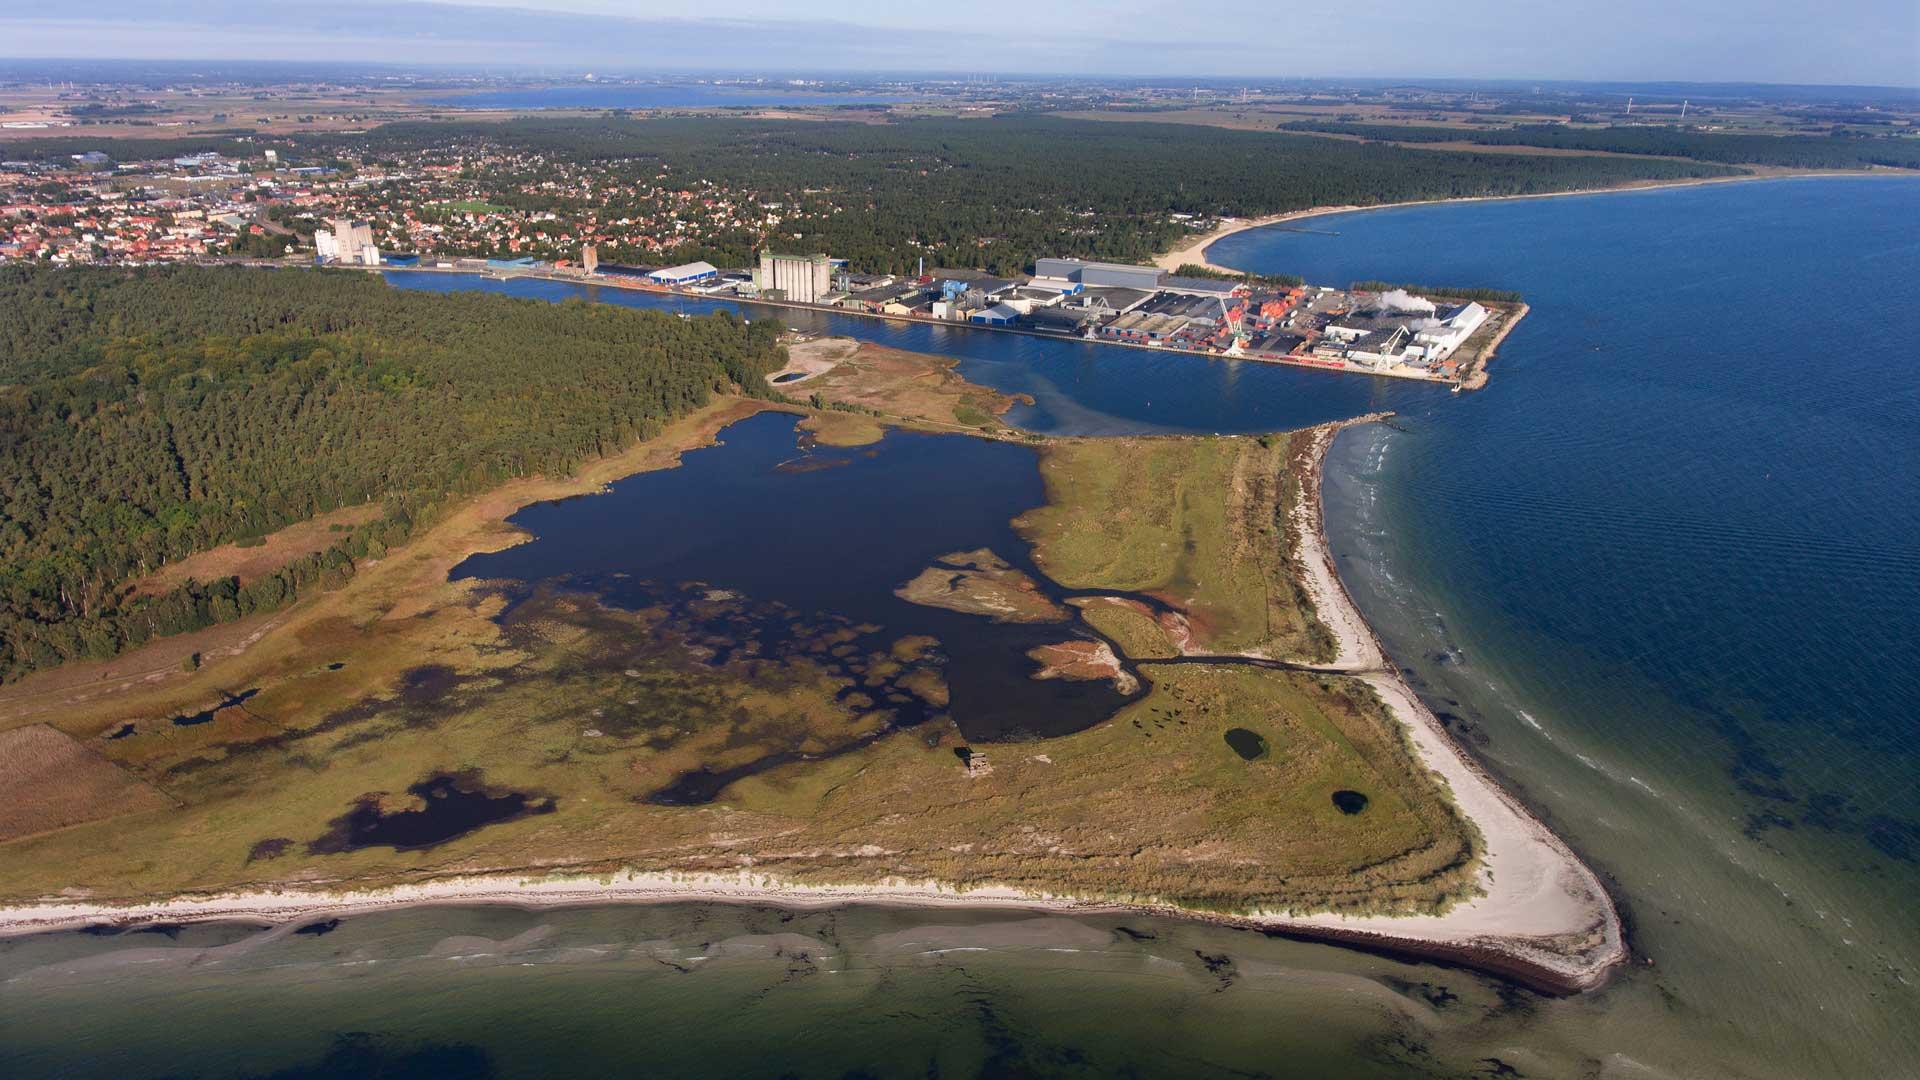 Äspet- lagunen med Åhus hamn i bakgrunden. Foto: Patrik Olofsson/N